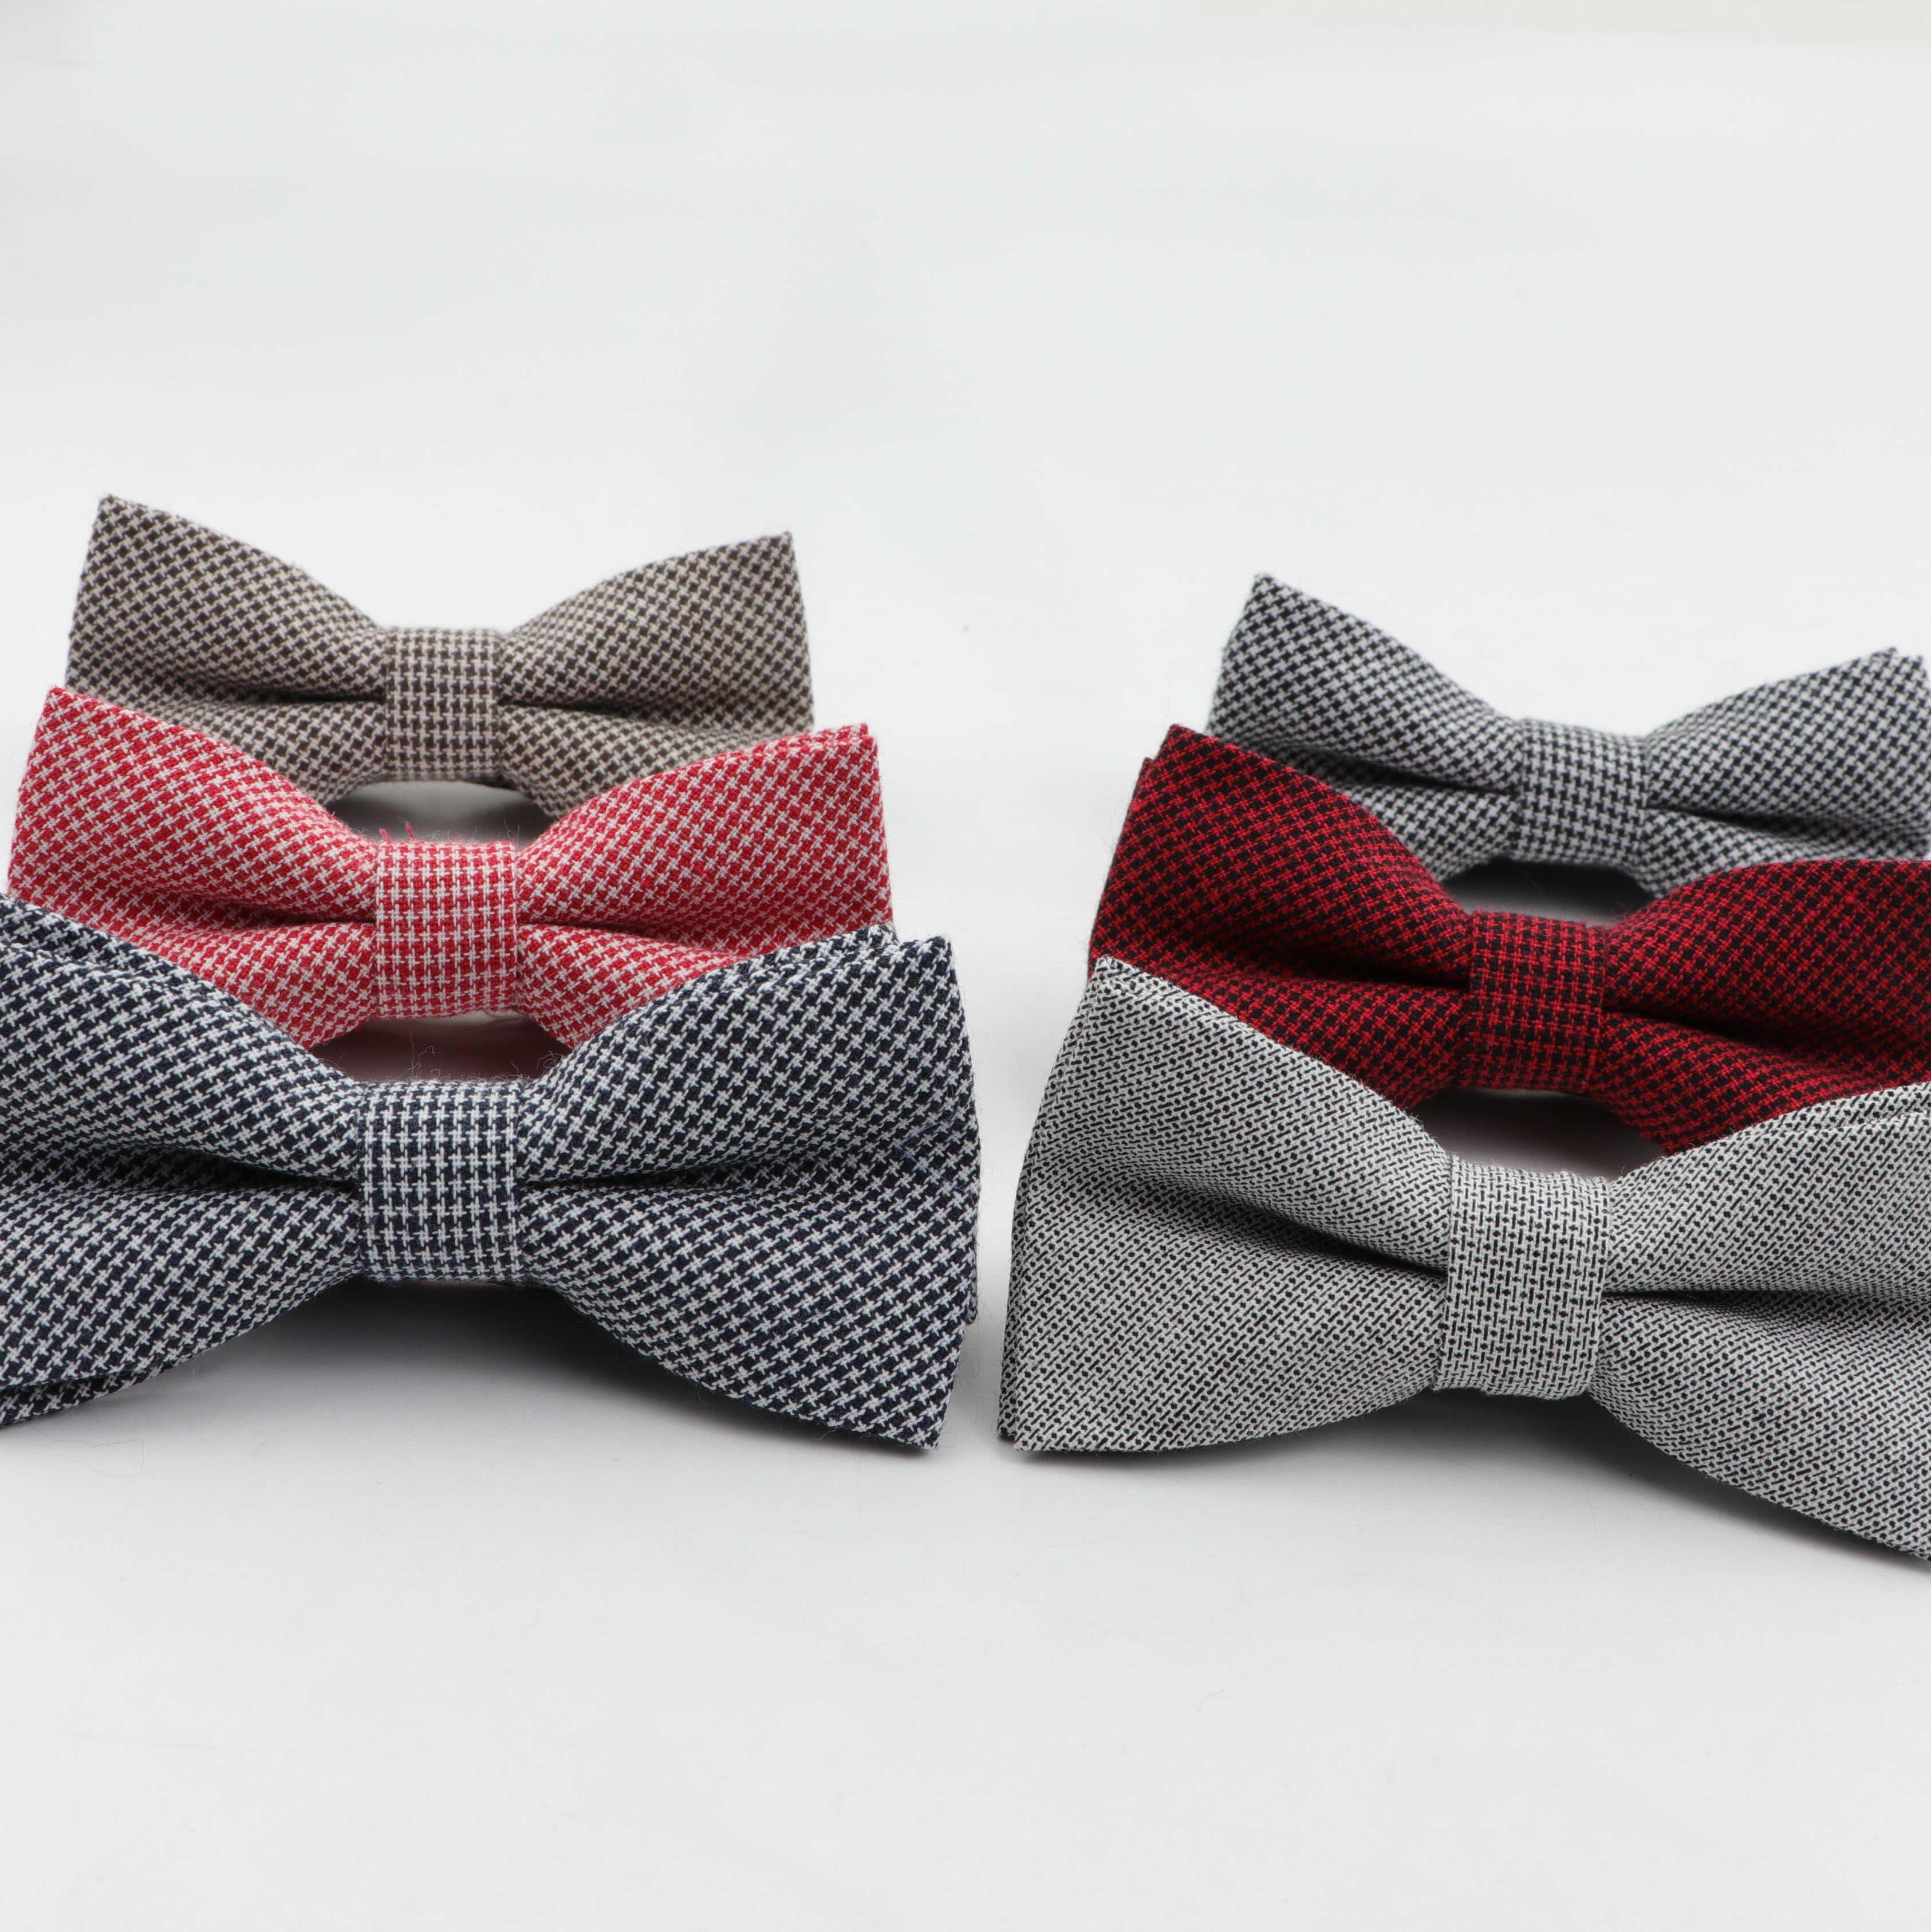 Crianças Listrado Cor Bowtie Bow Cotton Formal Tie Kid Bowties sólidos classical colorido da borboleta de casamento Partido Gravatas